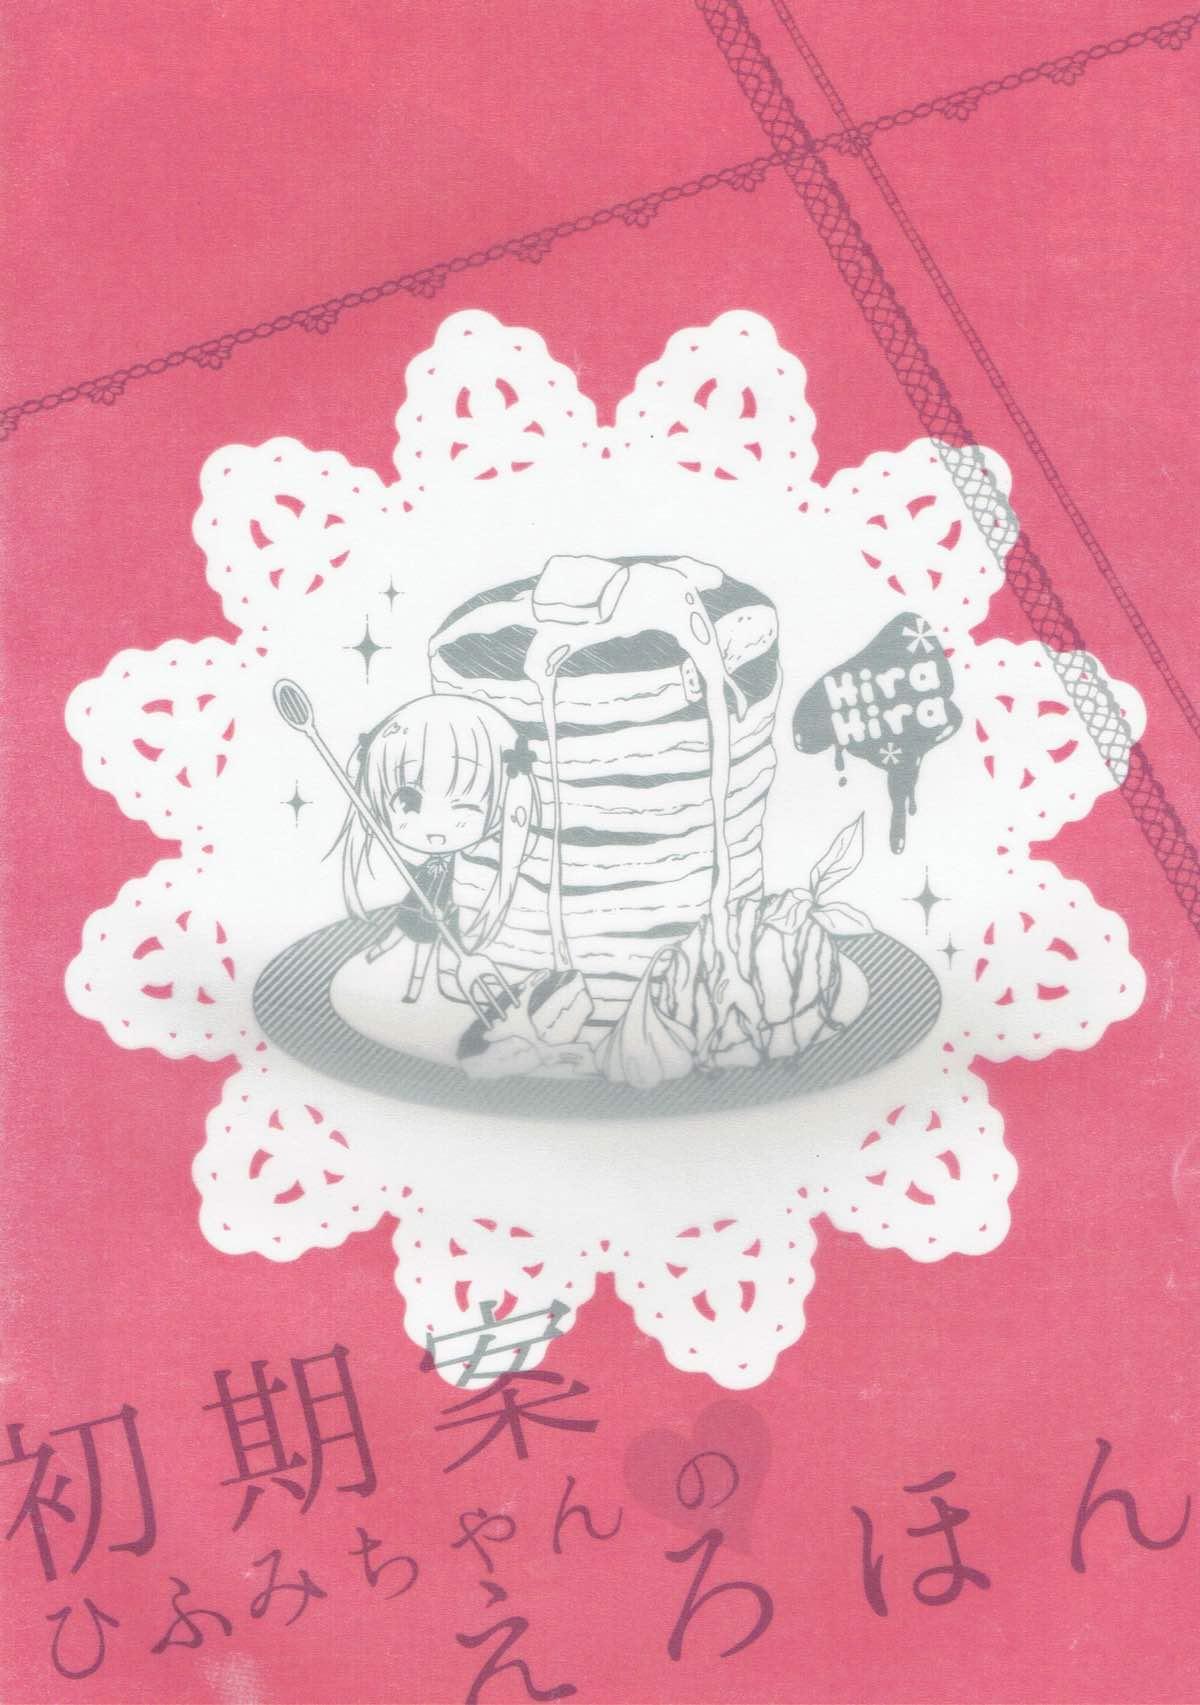 Shokian Hifumi-chan no Erohon 8